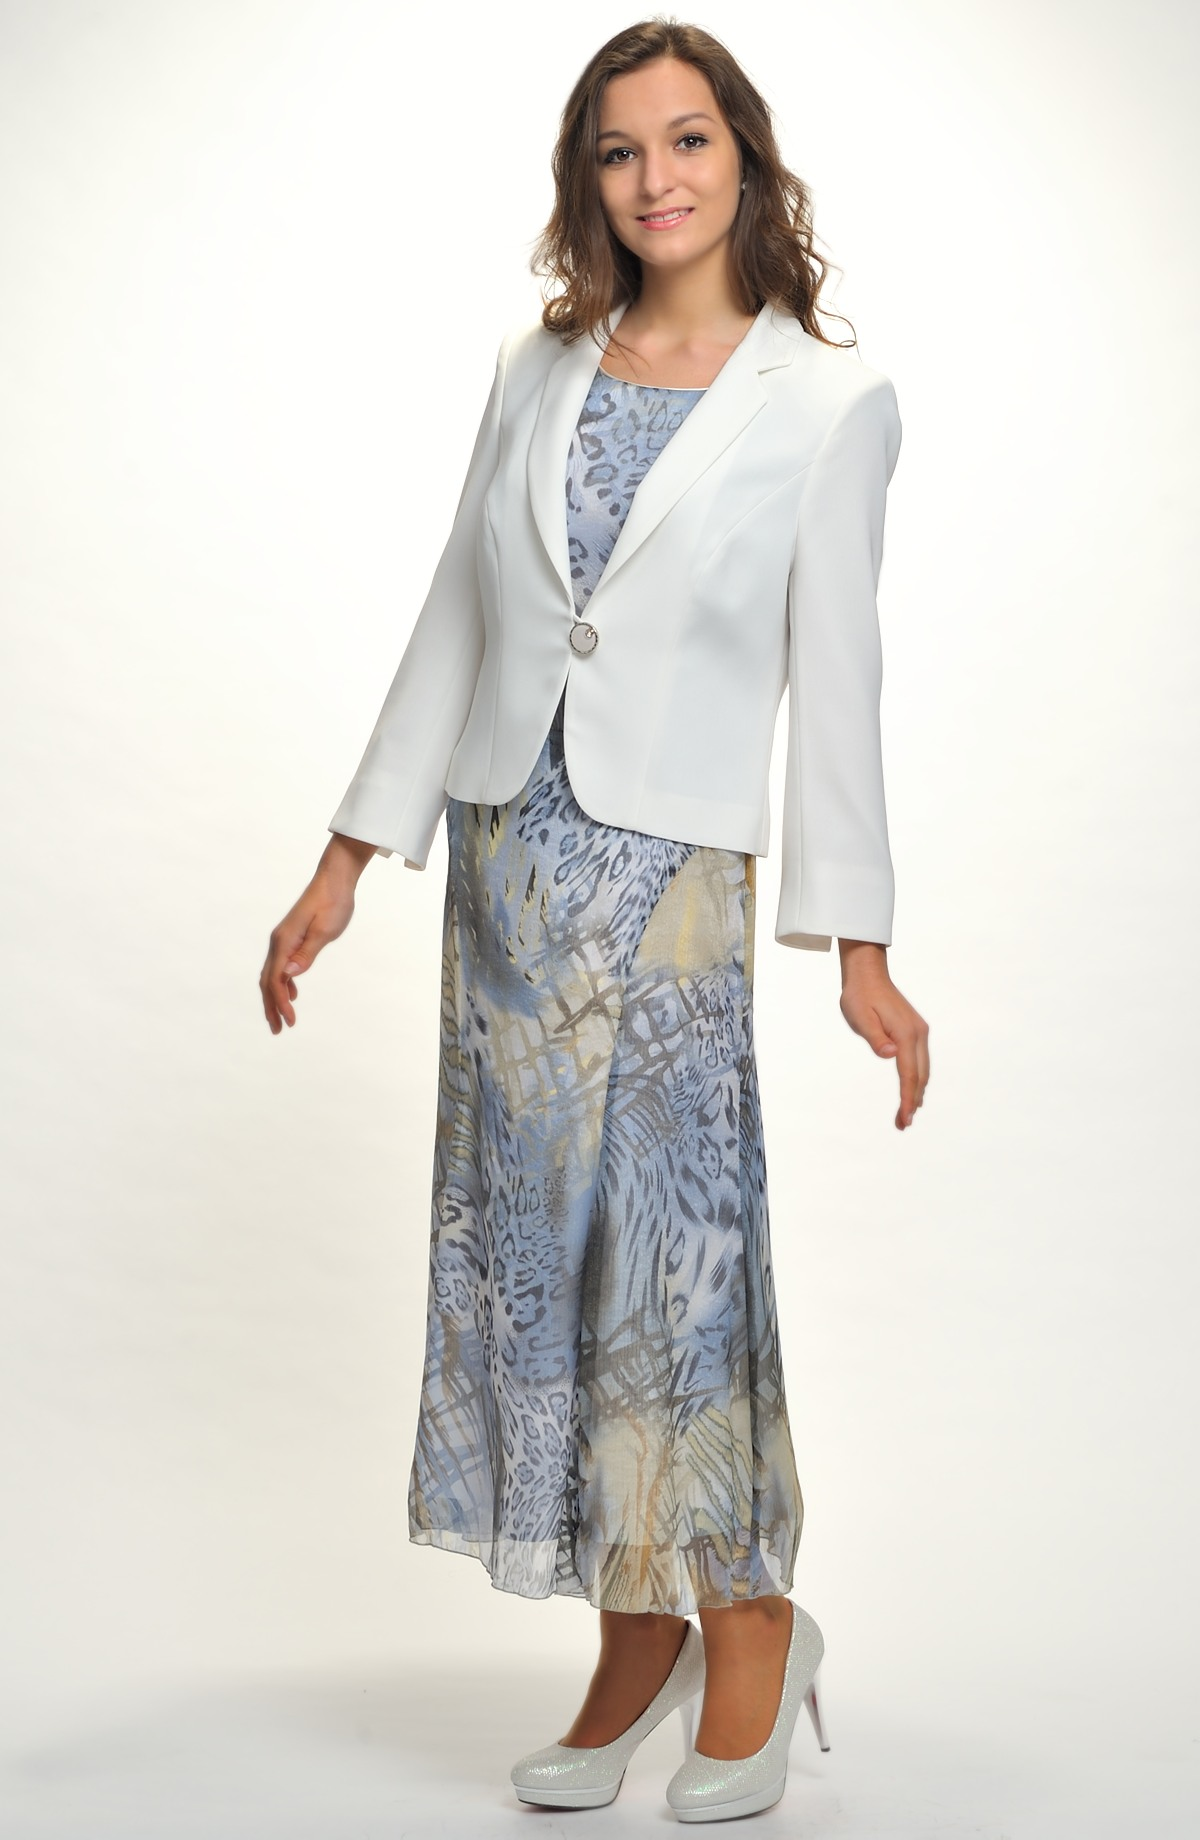 Nadčasový outfit tvoří kombinace topu a sukně